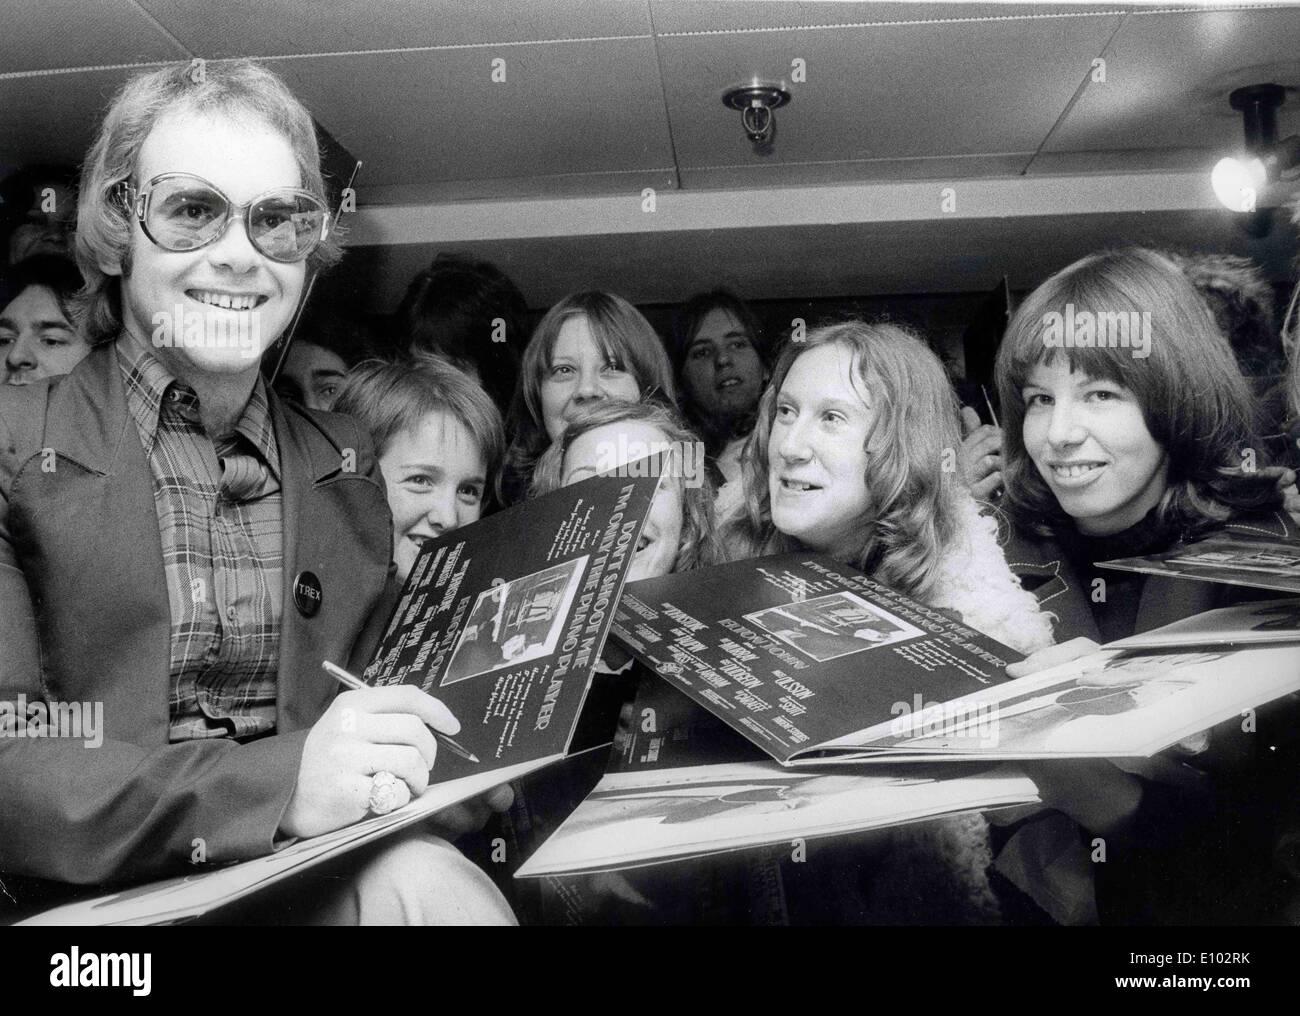 Un jeune ELTON JOHN albums autographes pour les fans. Photo Stock